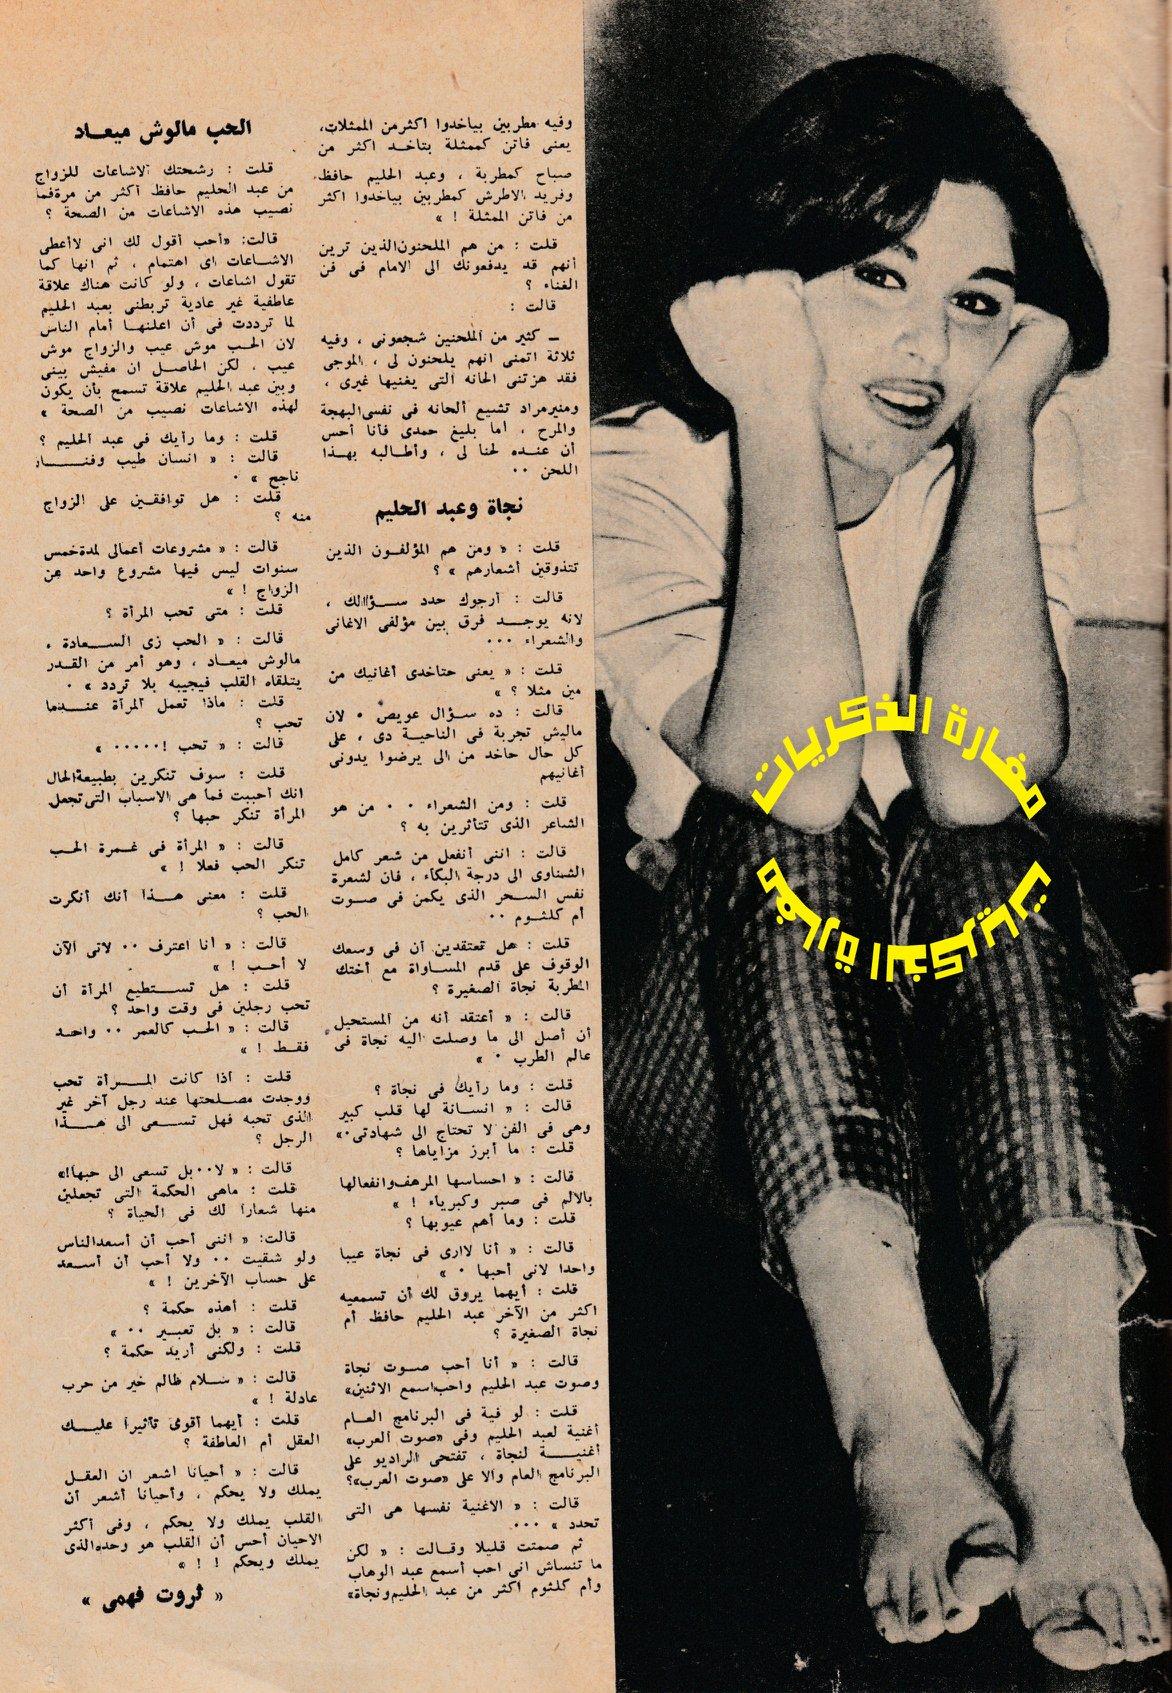 حوار صحفي : سعاد حسني تعترف بالحب لأنها لاتحب ! 1962 م 260